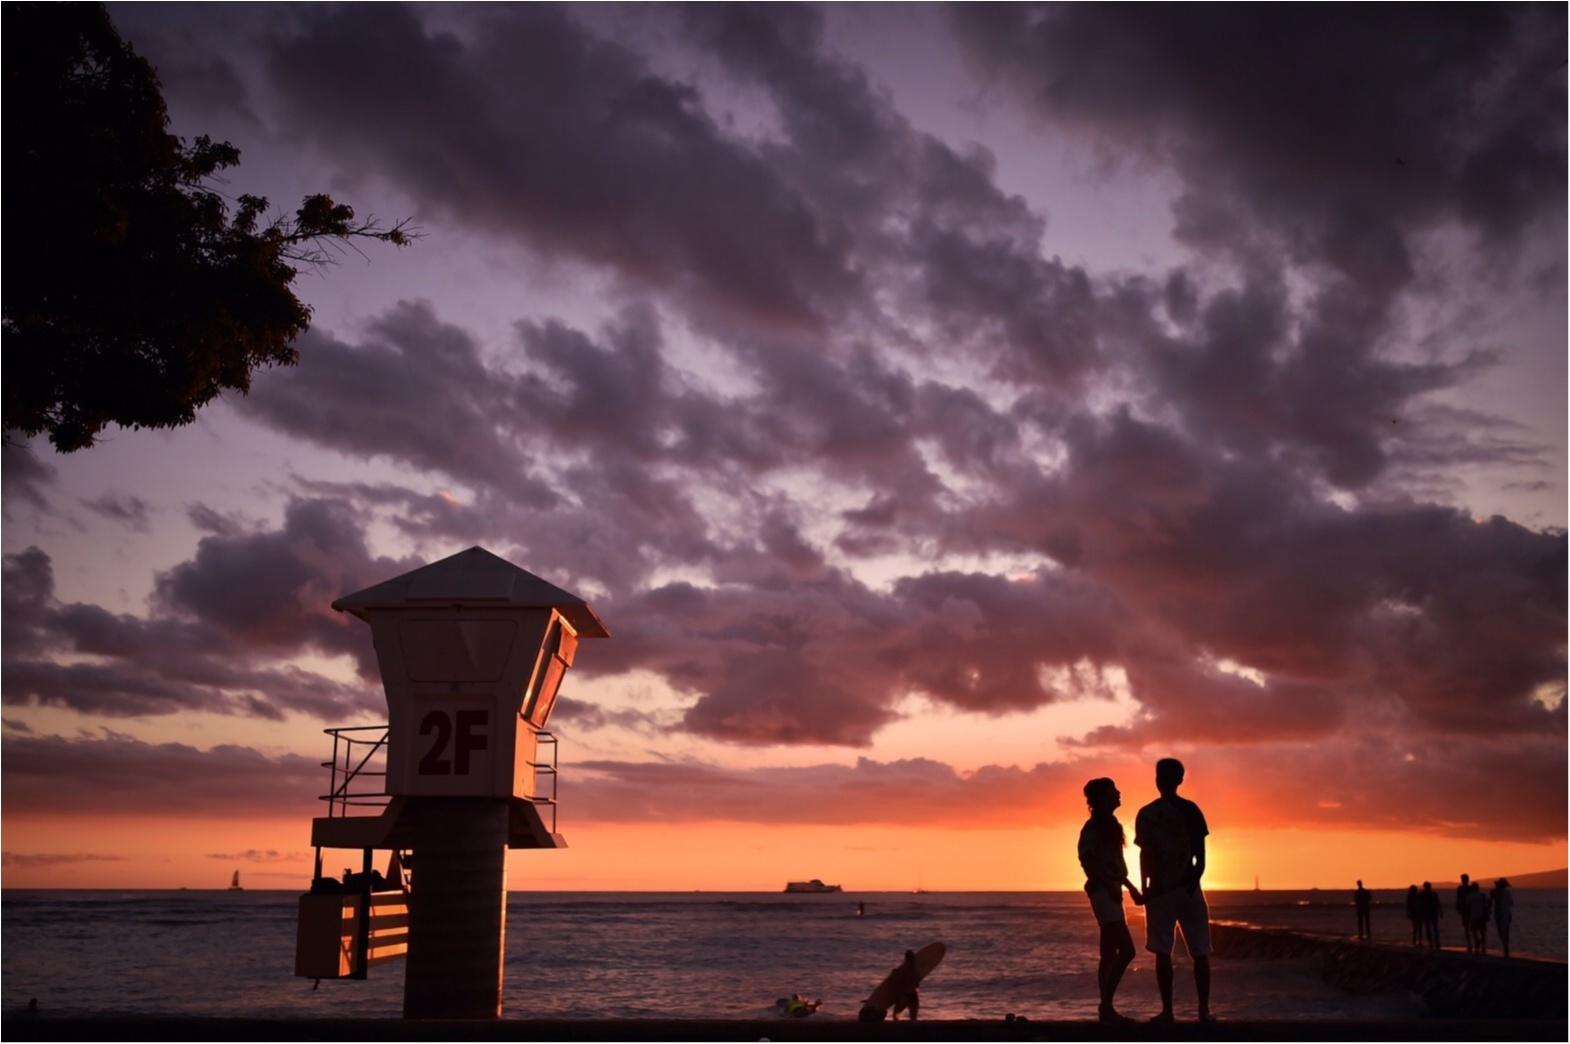 【プレ花嫁さん必見】ハワイでウェディングフォト撮影-SNS映えもバッチリのサンセットおすすめスポット編-_9